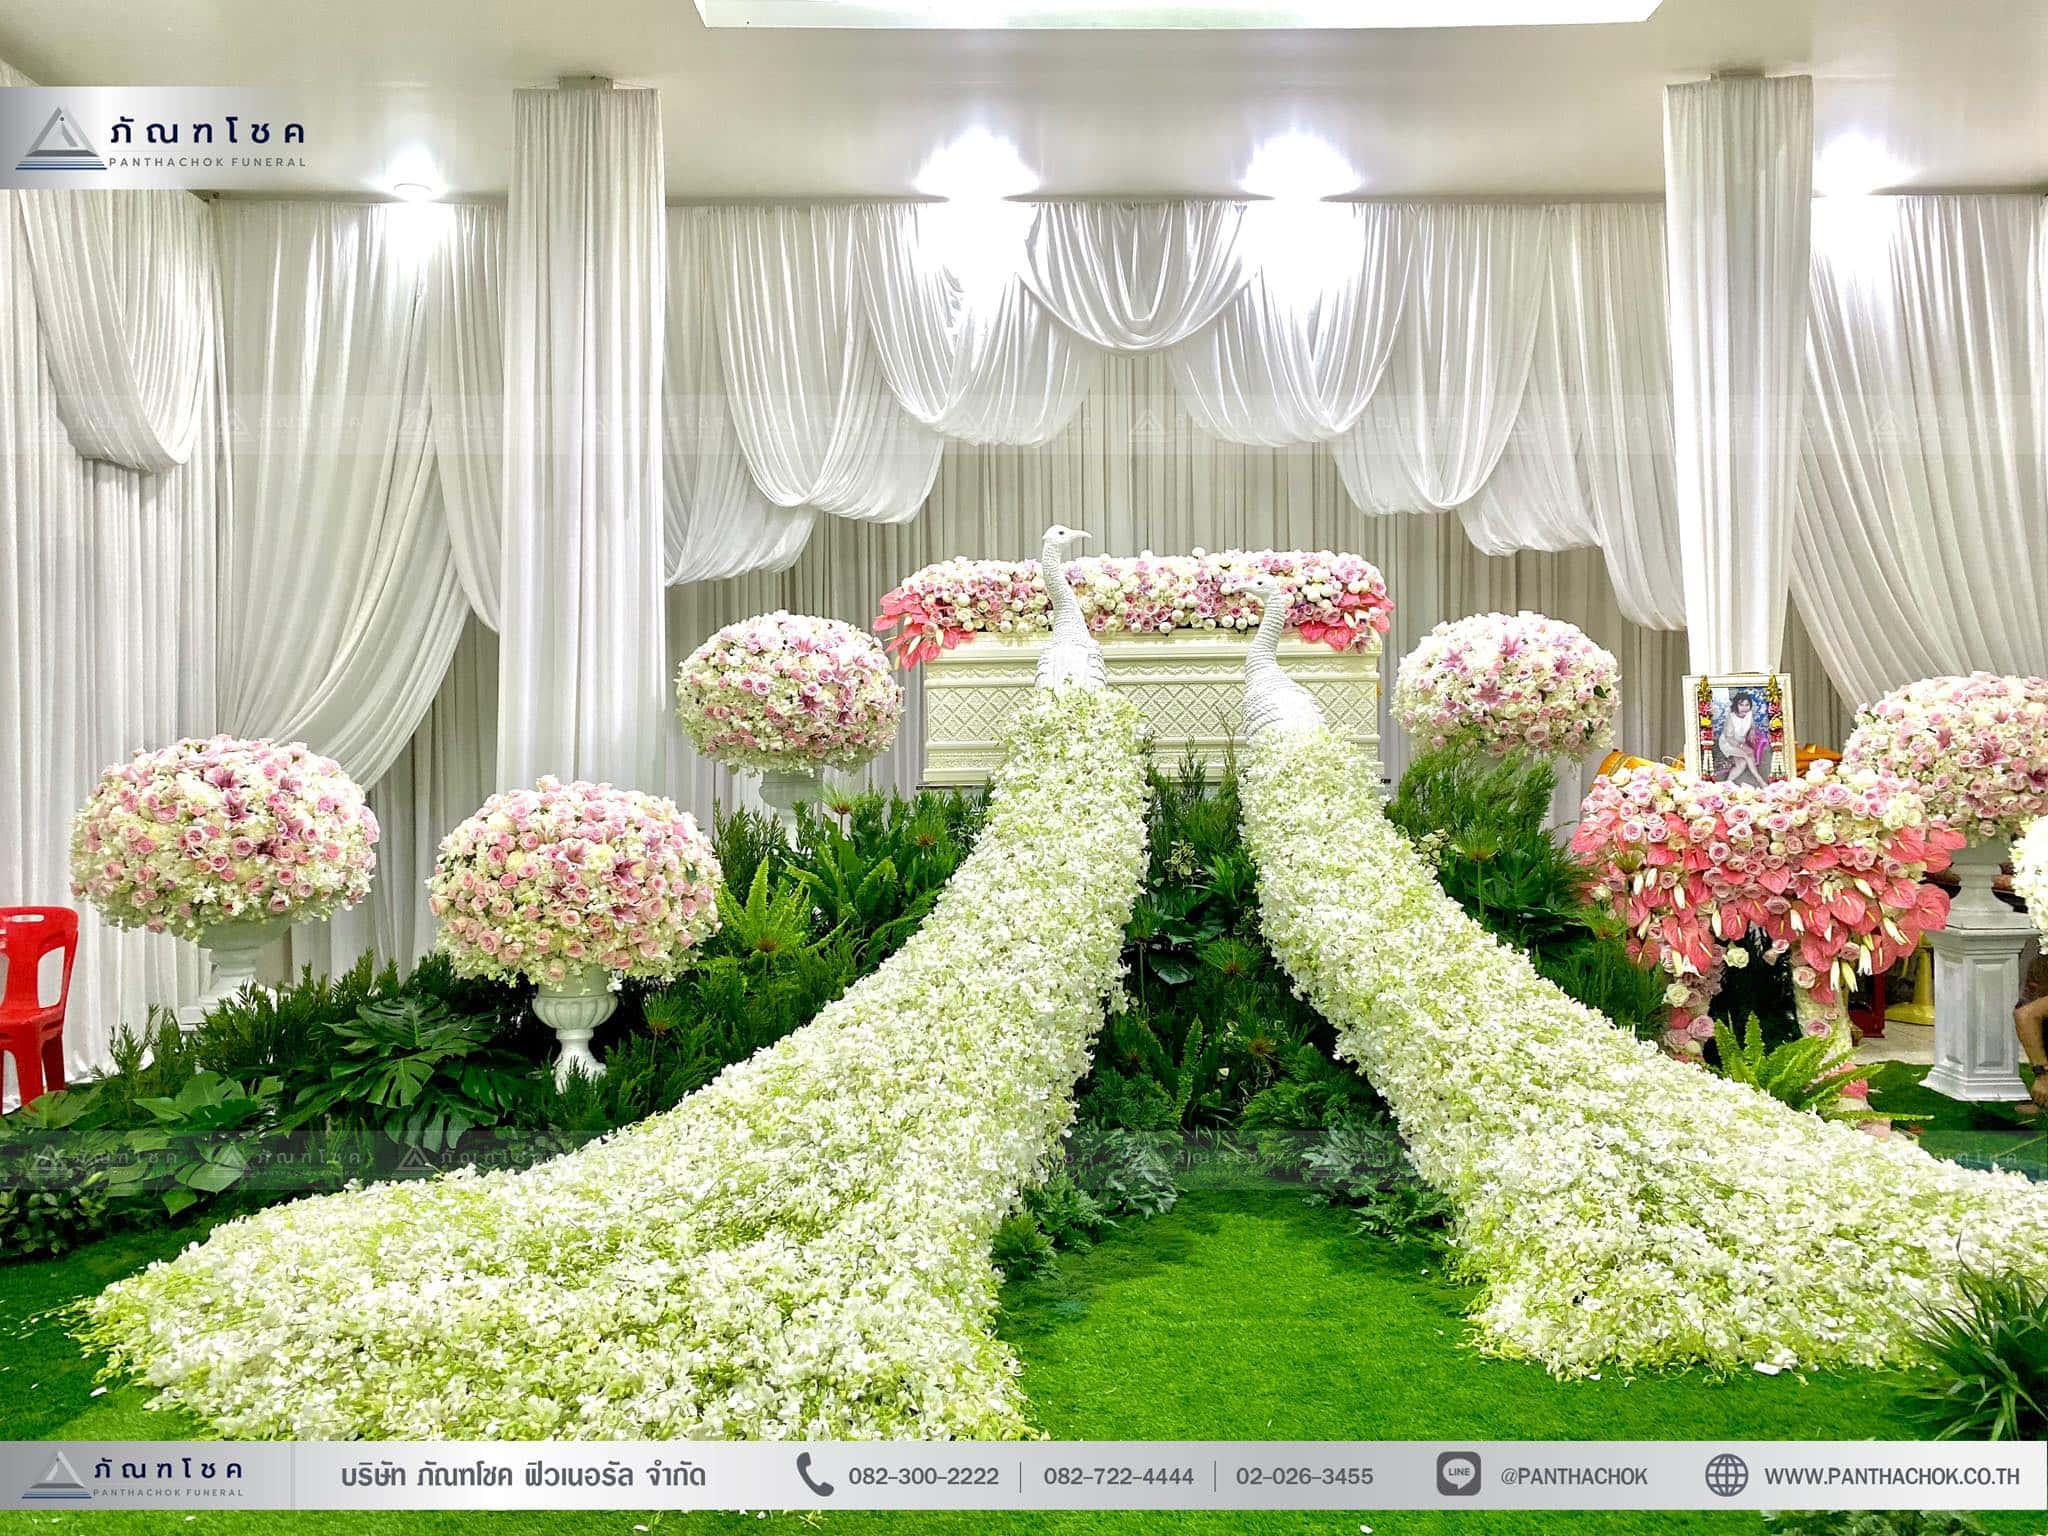 ชุดดอกไม้งานศพประดับด้วยนกยูงดูสง่า ณ วัดเขียนเขตพระอารามหลวง ปทุมธานี 1